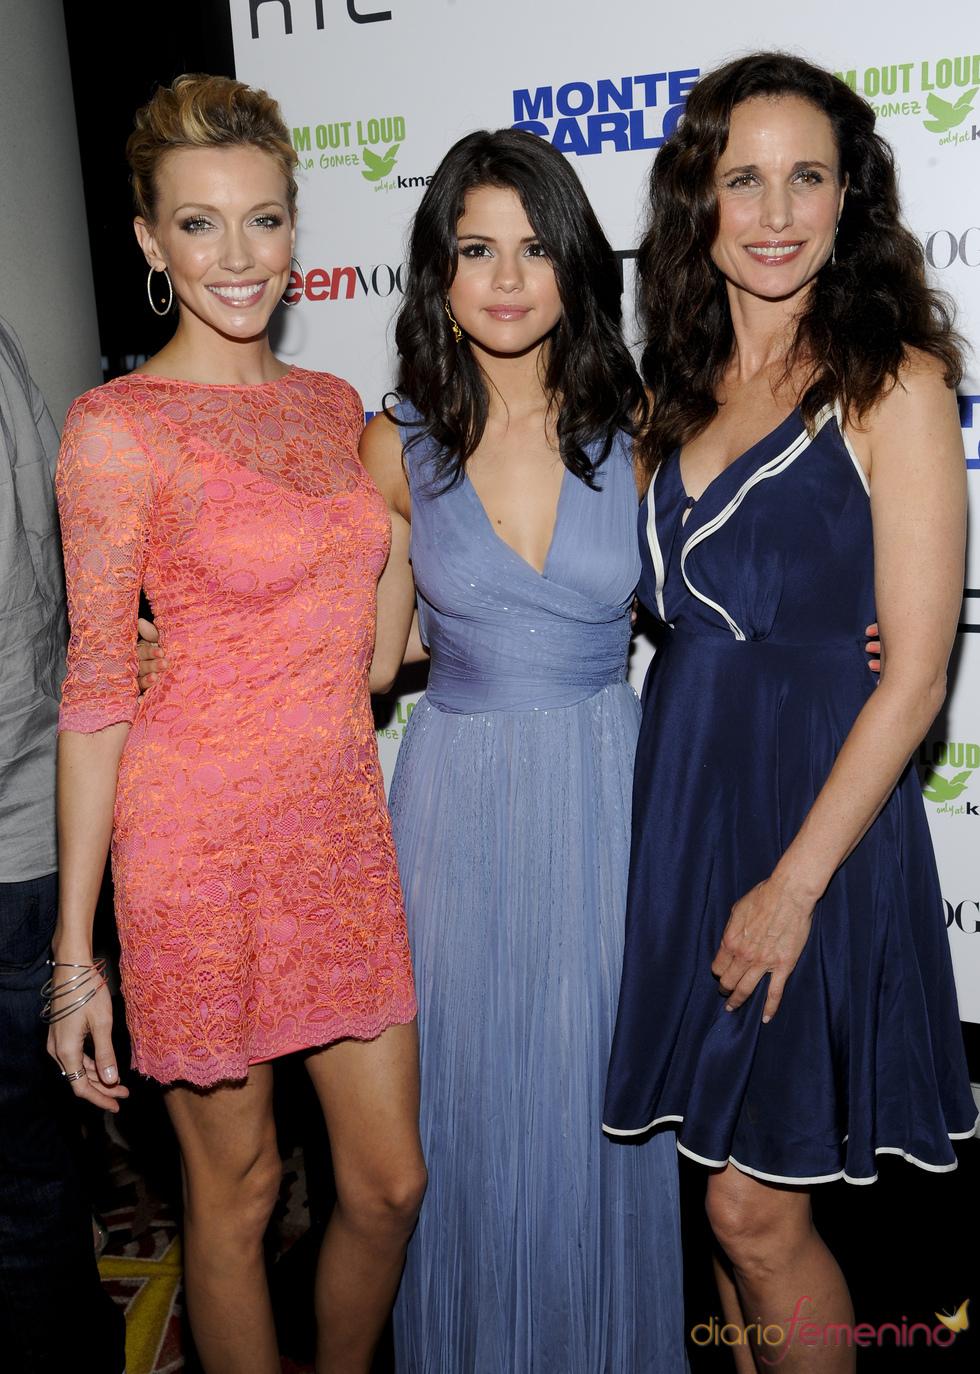 Selena Gomez, Katie Cassidy y Andie McDowell en la 'premiere' de 'Monte Carlo'